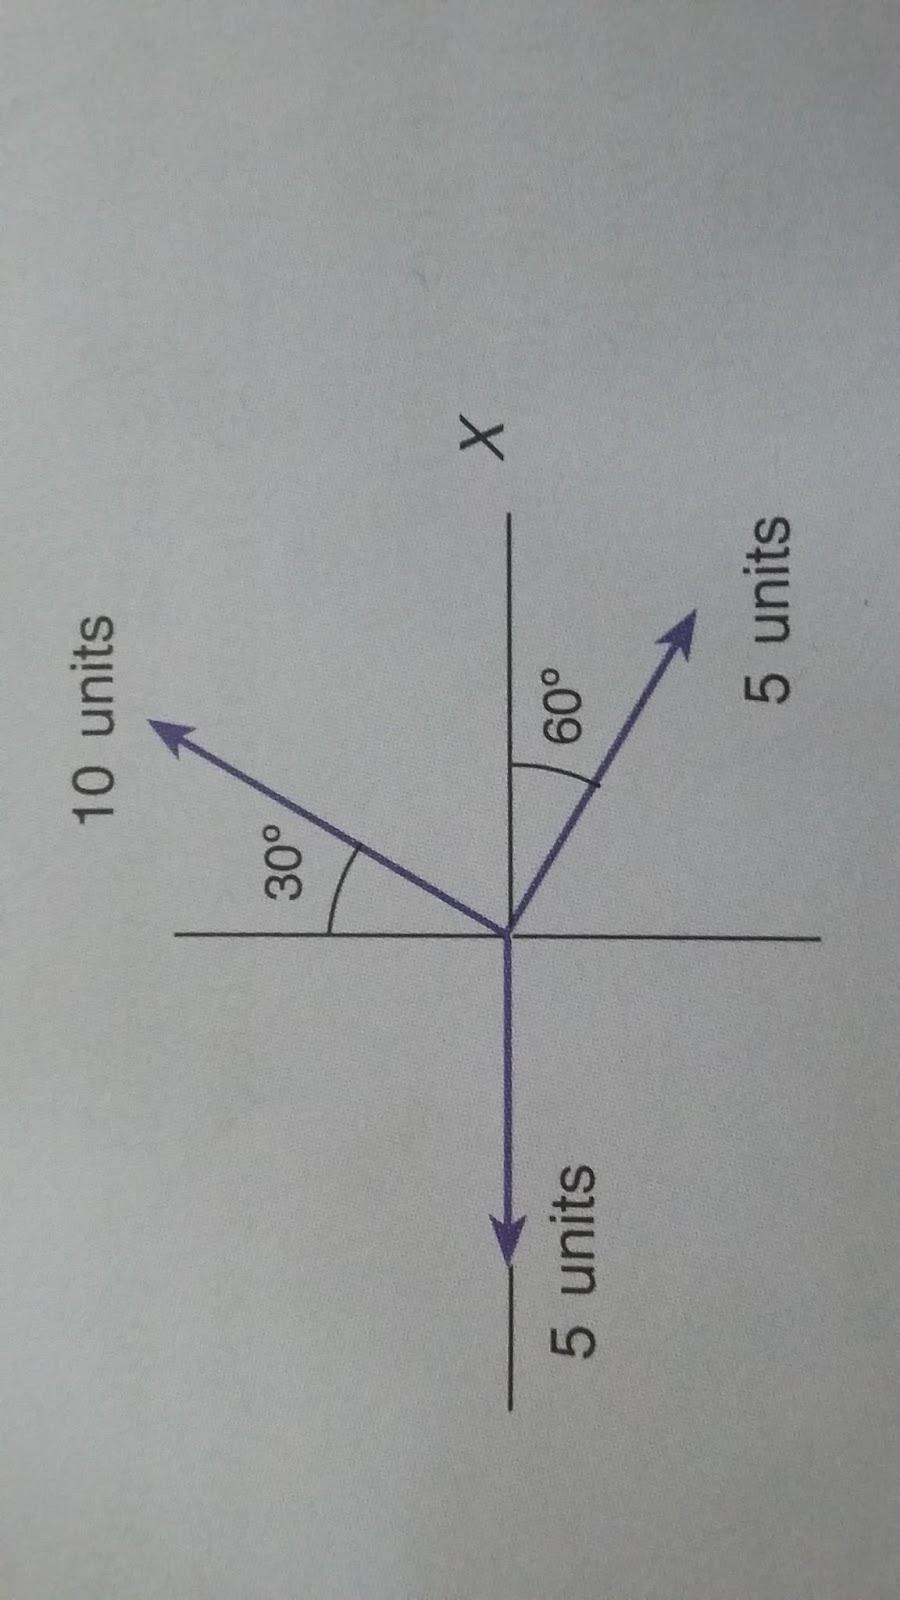 Fisika Soal Dan Pembahasan Vektor Fisika Kelas 10 Sma